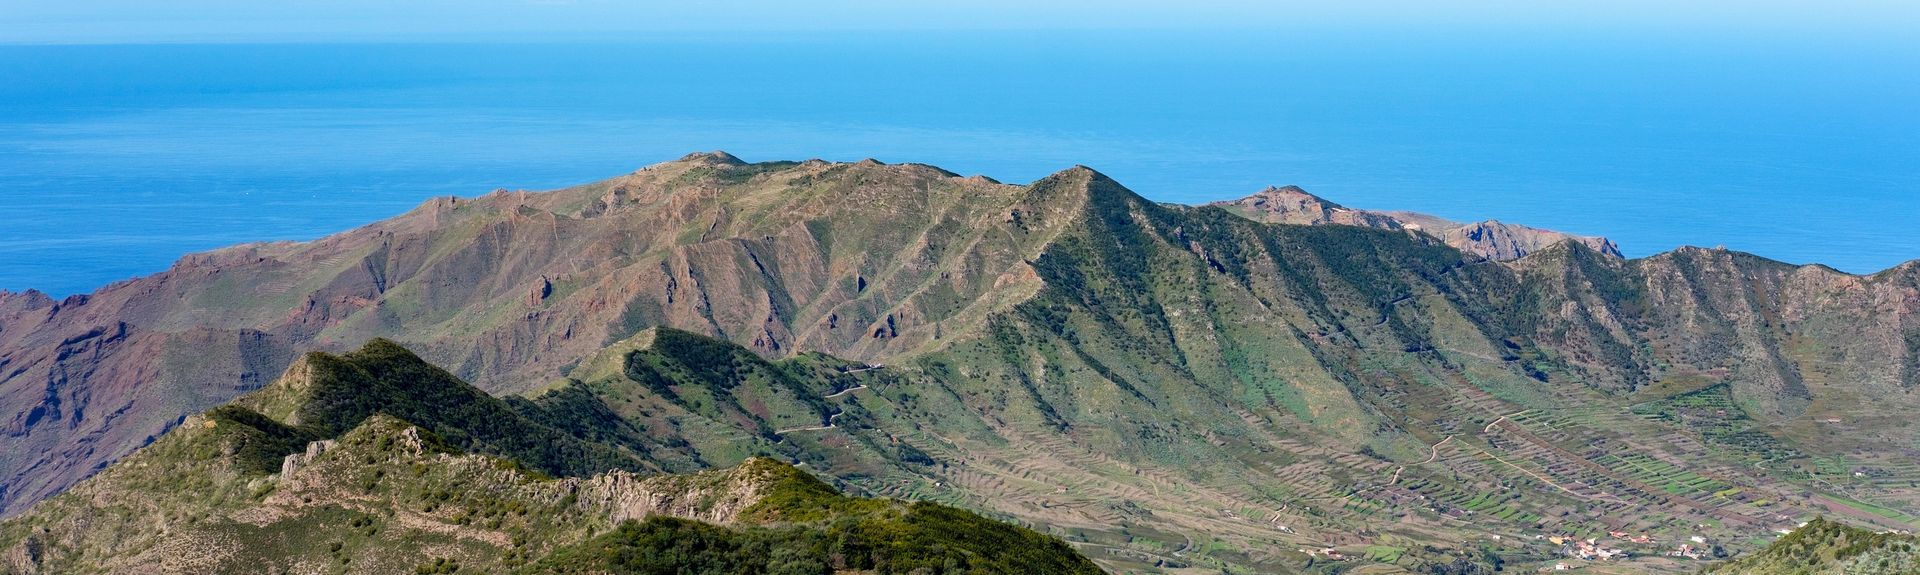 El Palmar, La Janda, Andalusia, Spagna